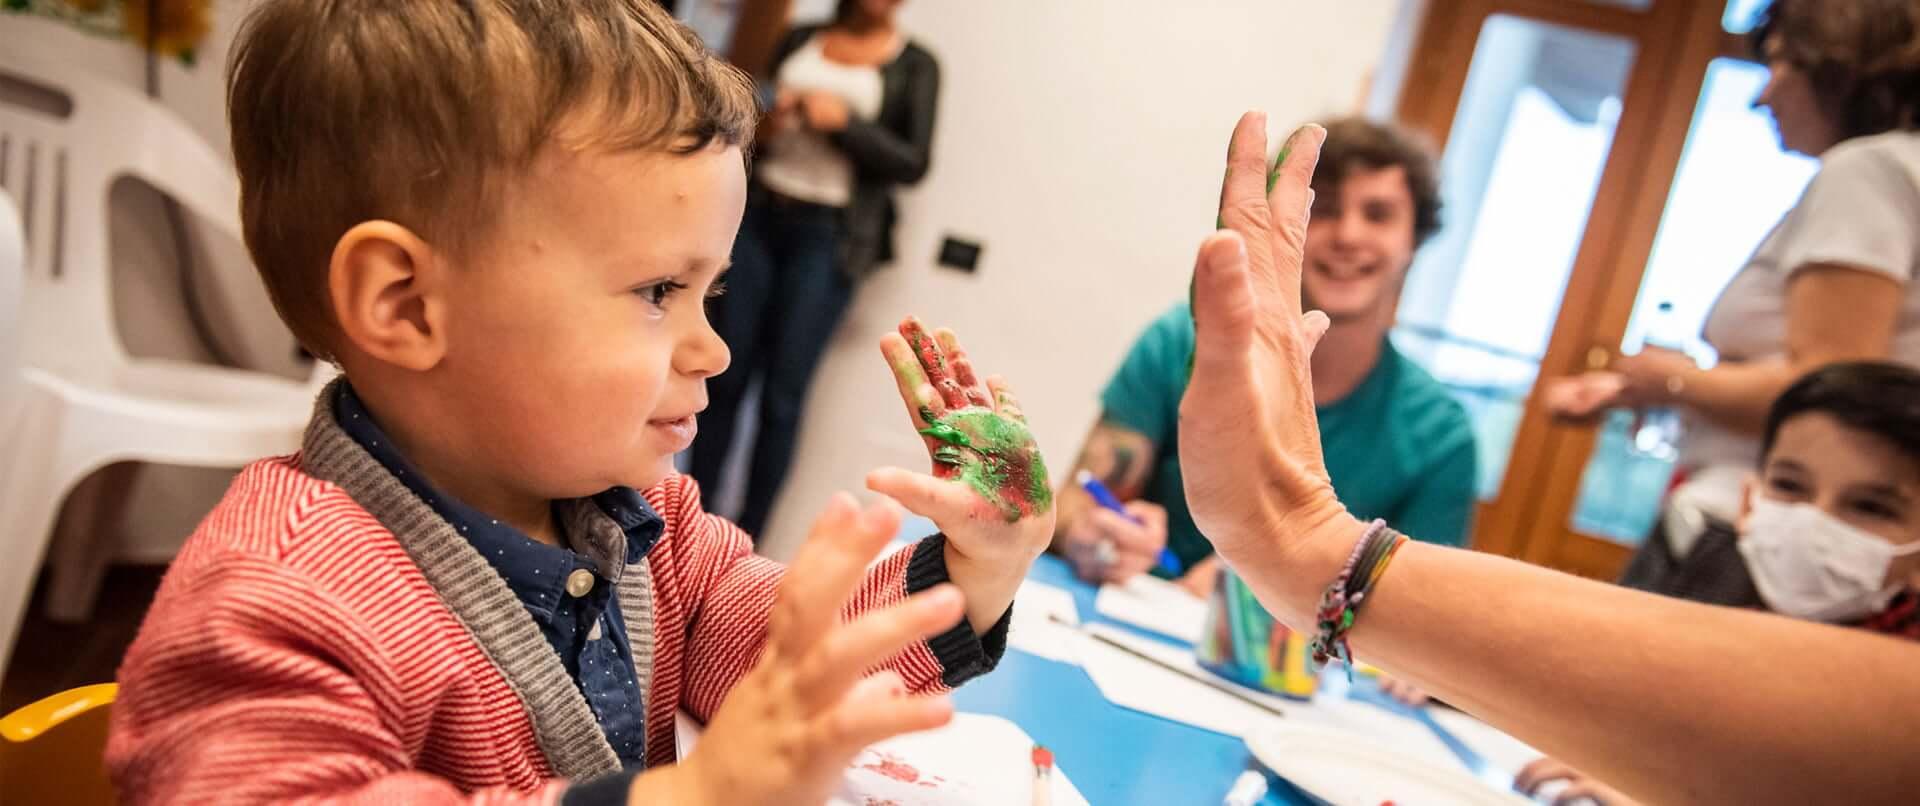 Bambino con mano sporca di colore